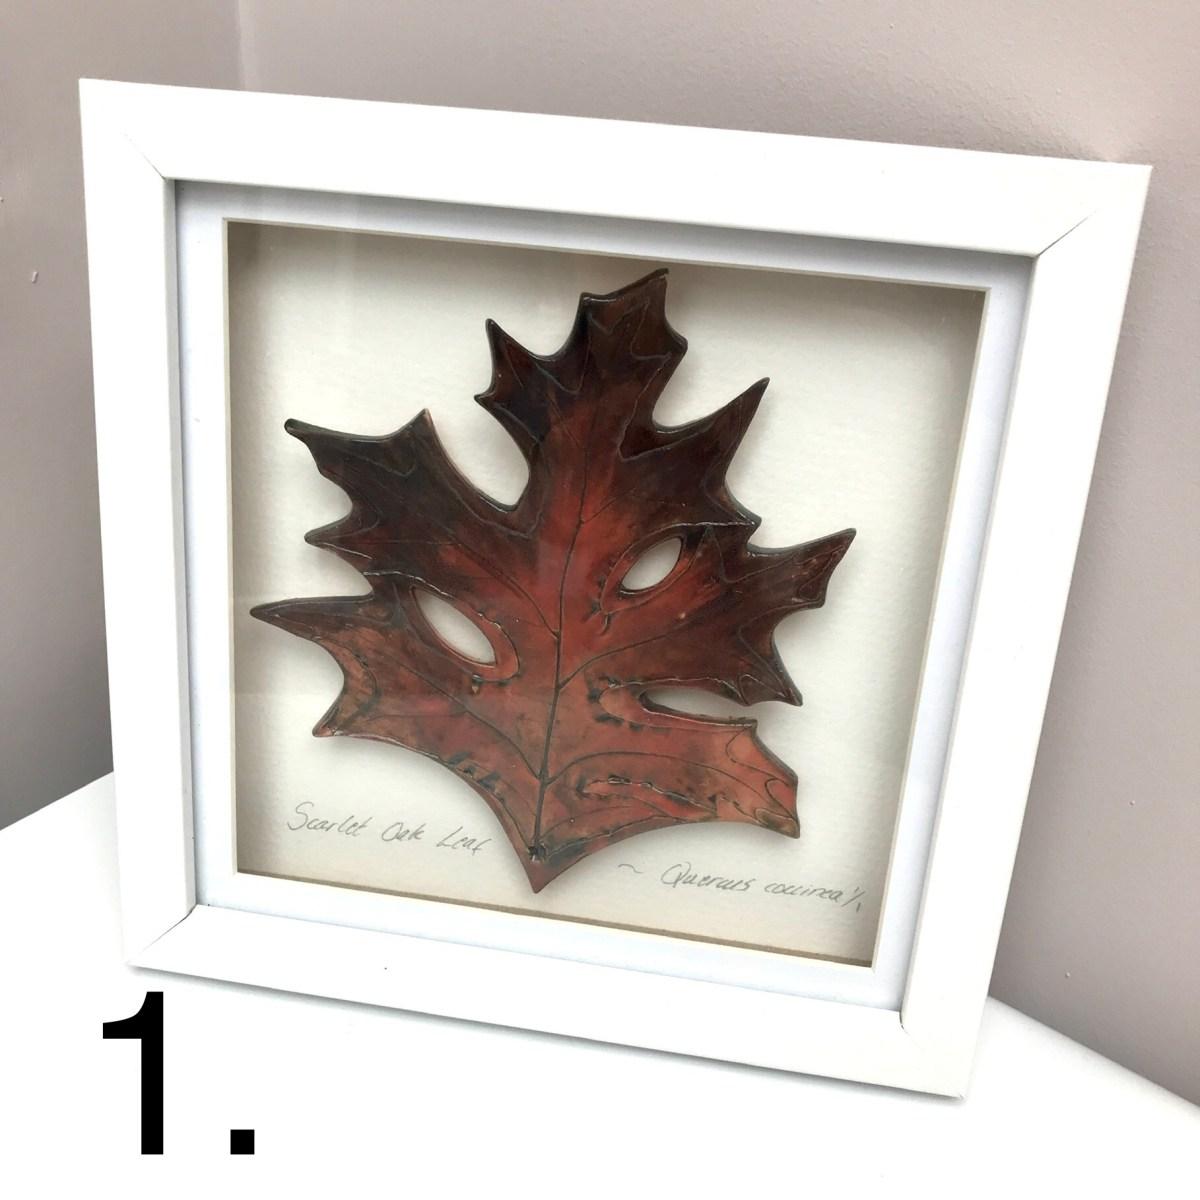 Framed Leaf Picture Scarlet Oak by Sonya Ceramic Art